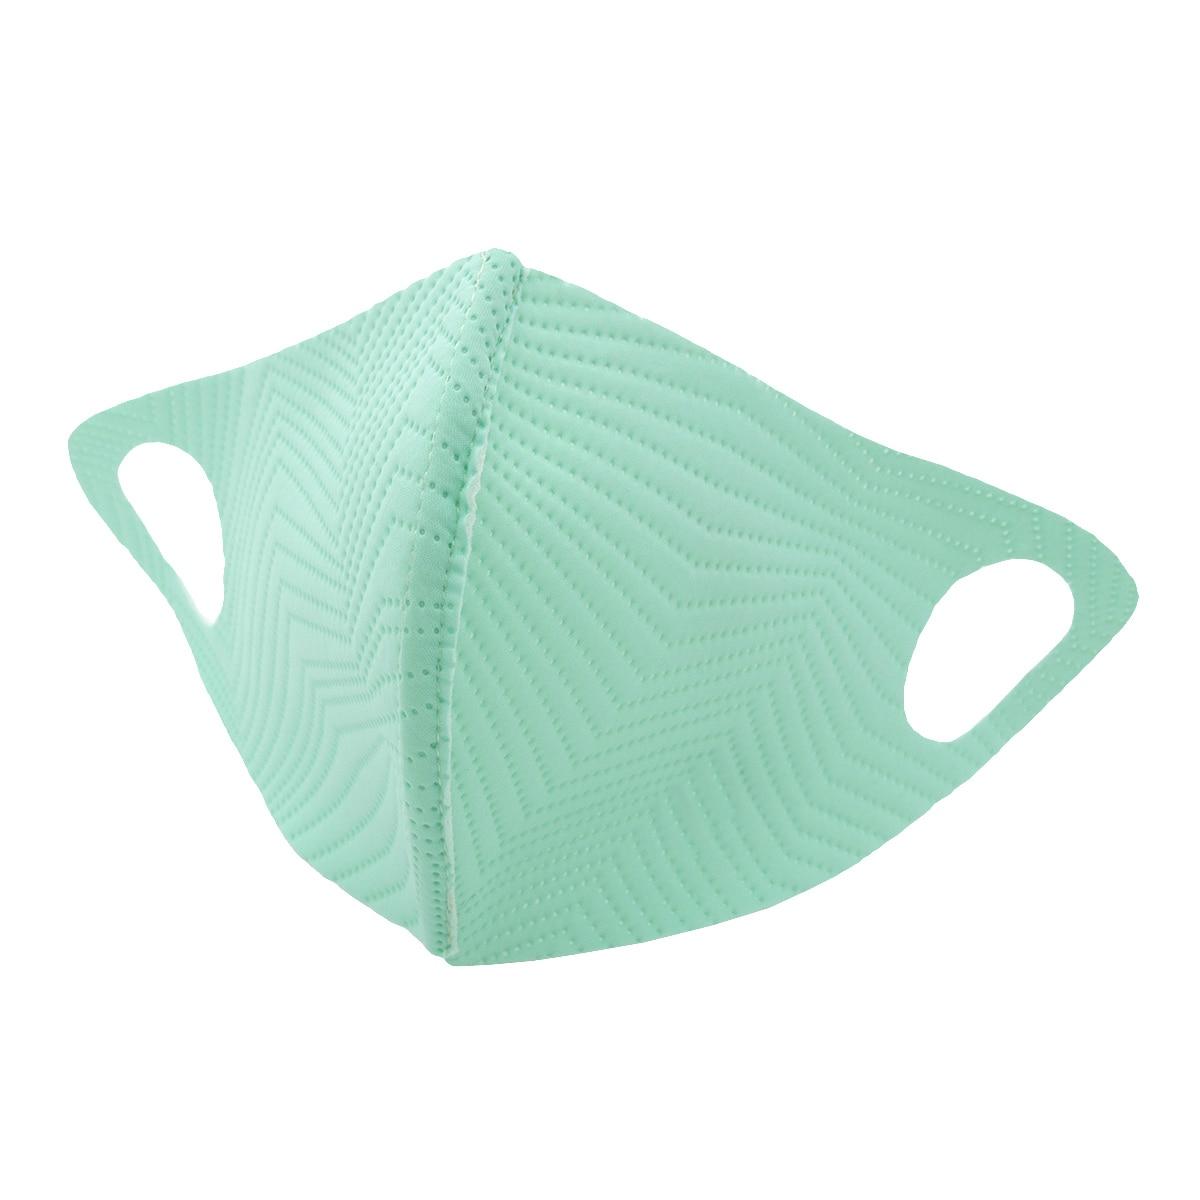 Mask Hygienic Reusable From Neoprene (green)